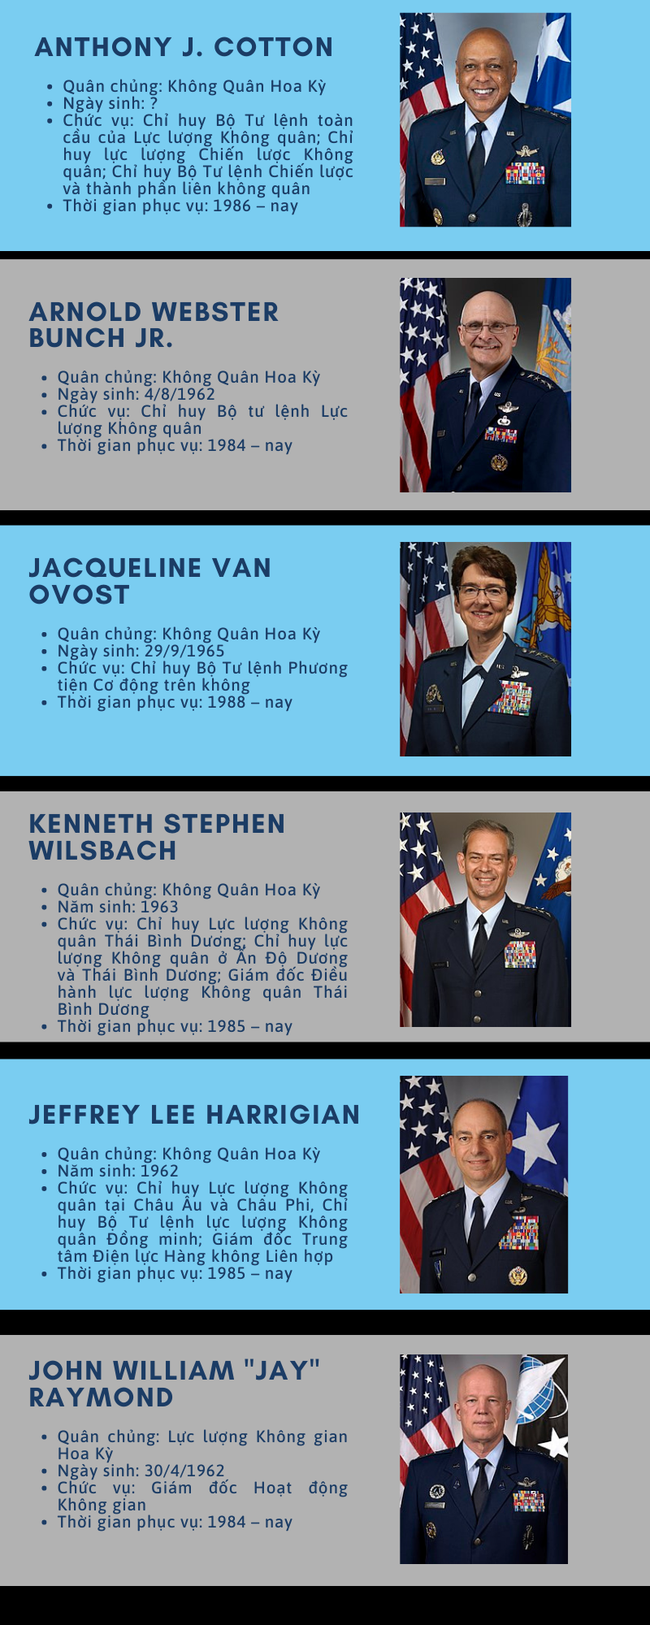 43 vị tướng 4 sao của Mỹ hiện nay là ai? - Ảnh 7.